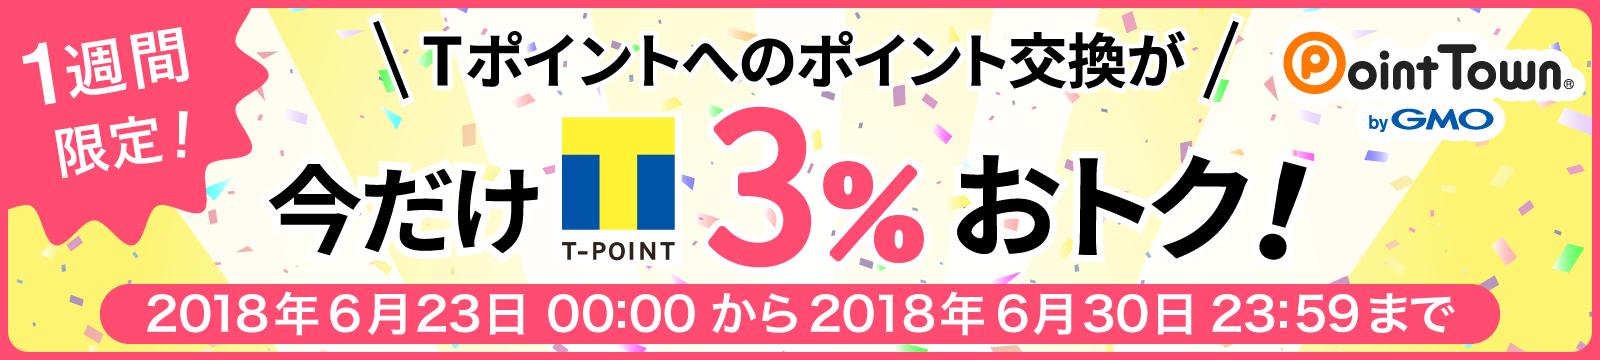 ポイントタウン Tポイント 3%おトク